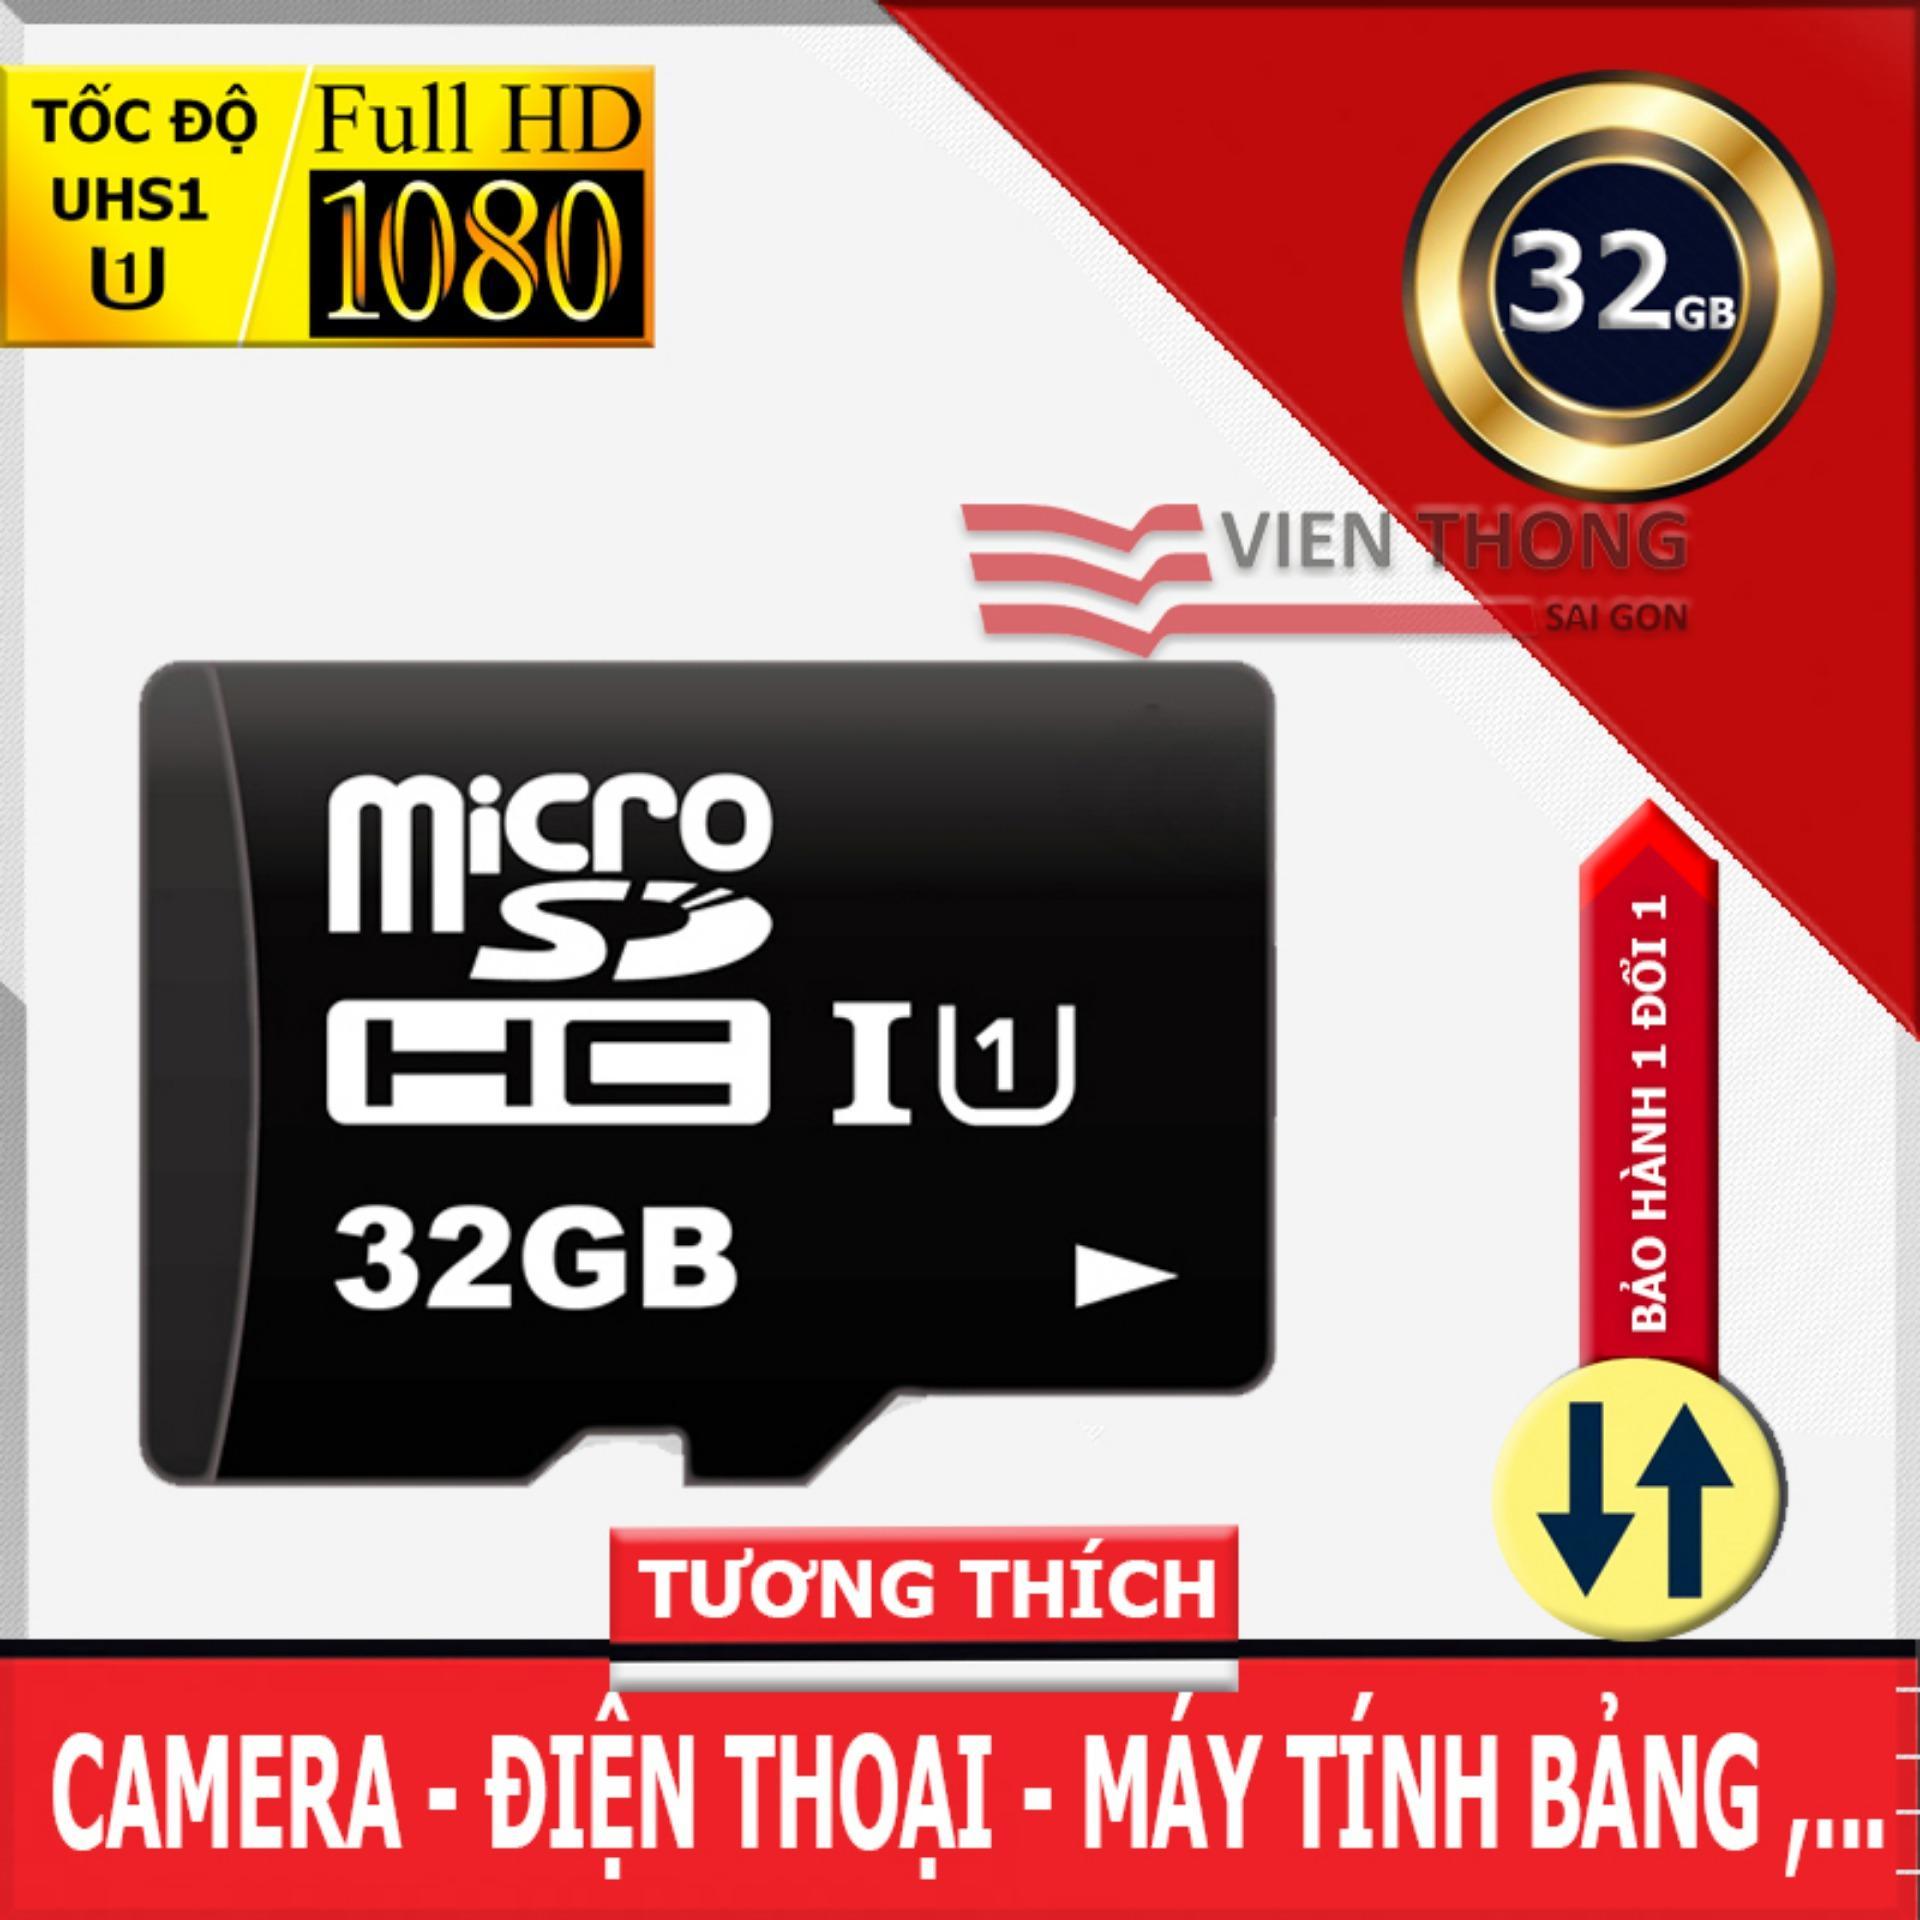 Thẻ nhớ 32GB UHS1 U1 tốc độ cao  MicroSDHC  Class10 -Bảo hành 12 tháng 1 đổi 1